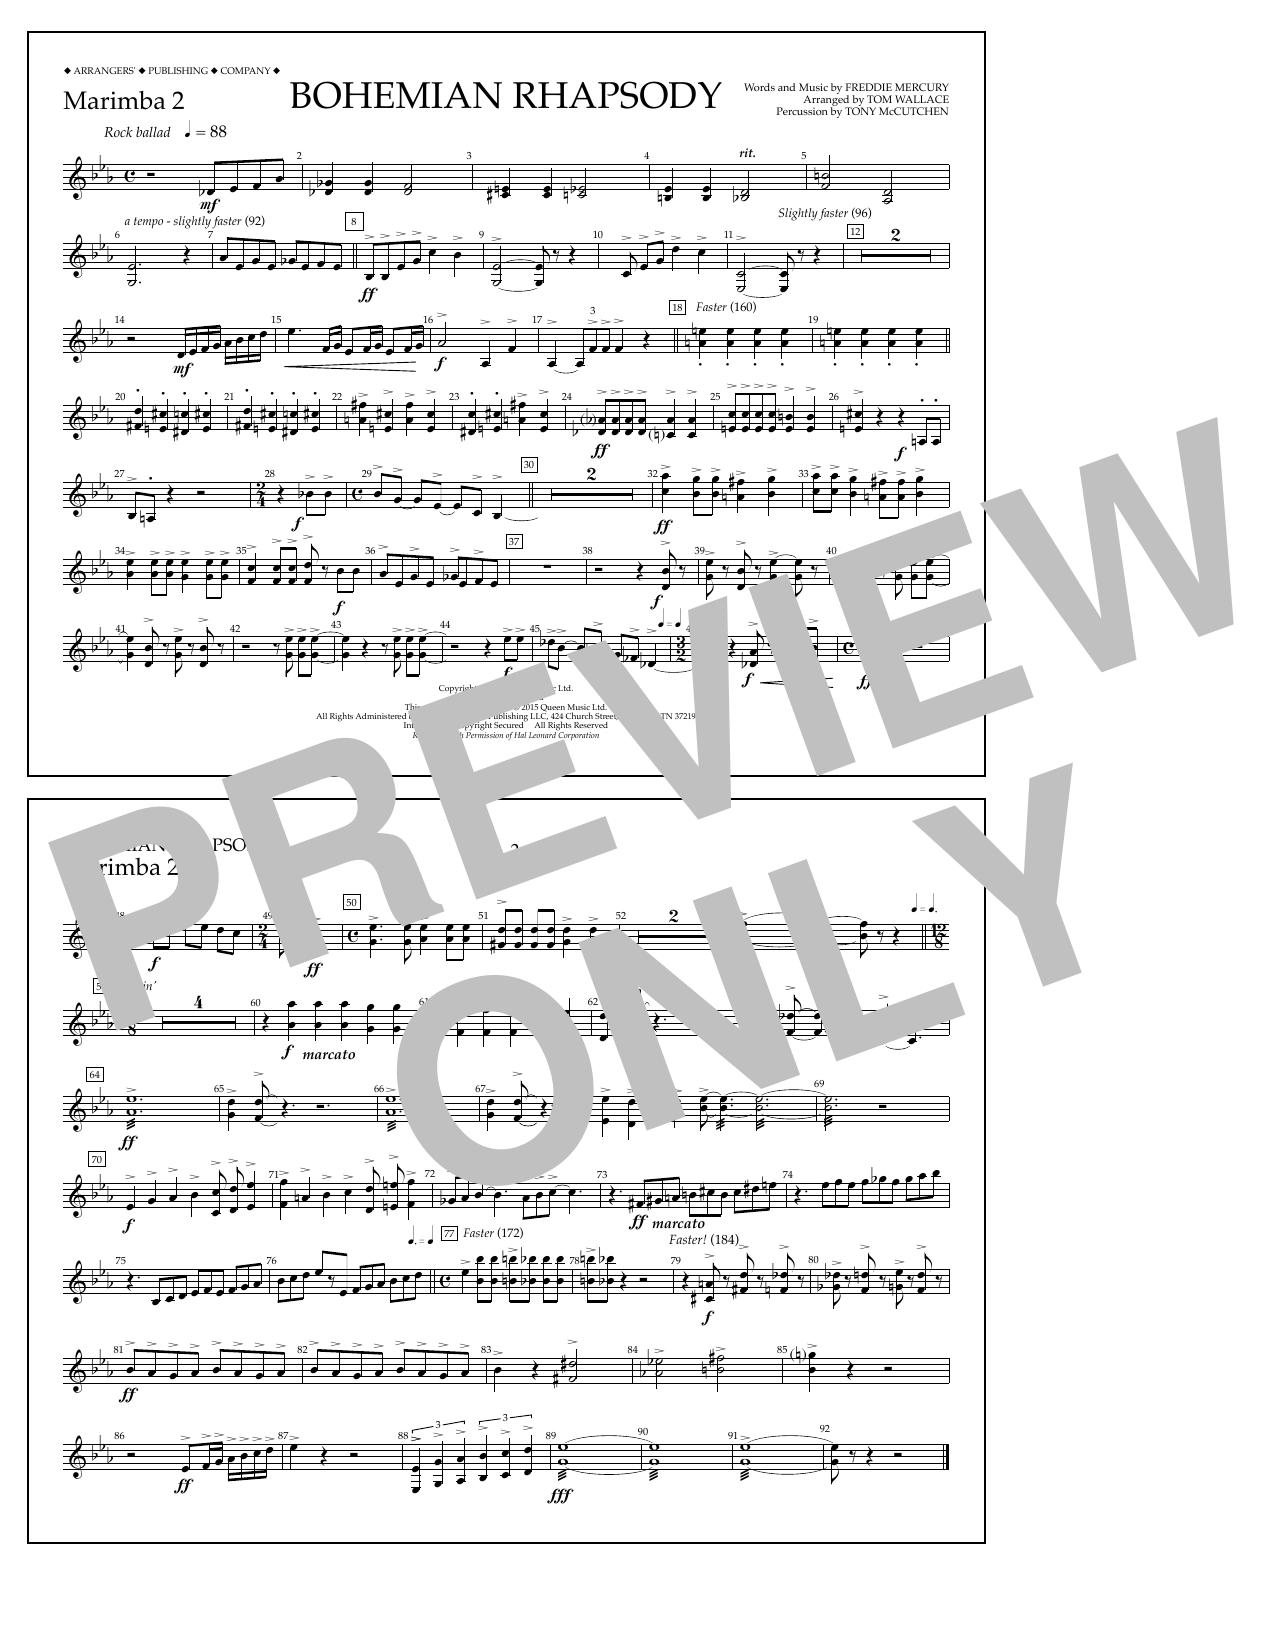 Bohemian Rhapsody - Marimba 2 (Marching Band)